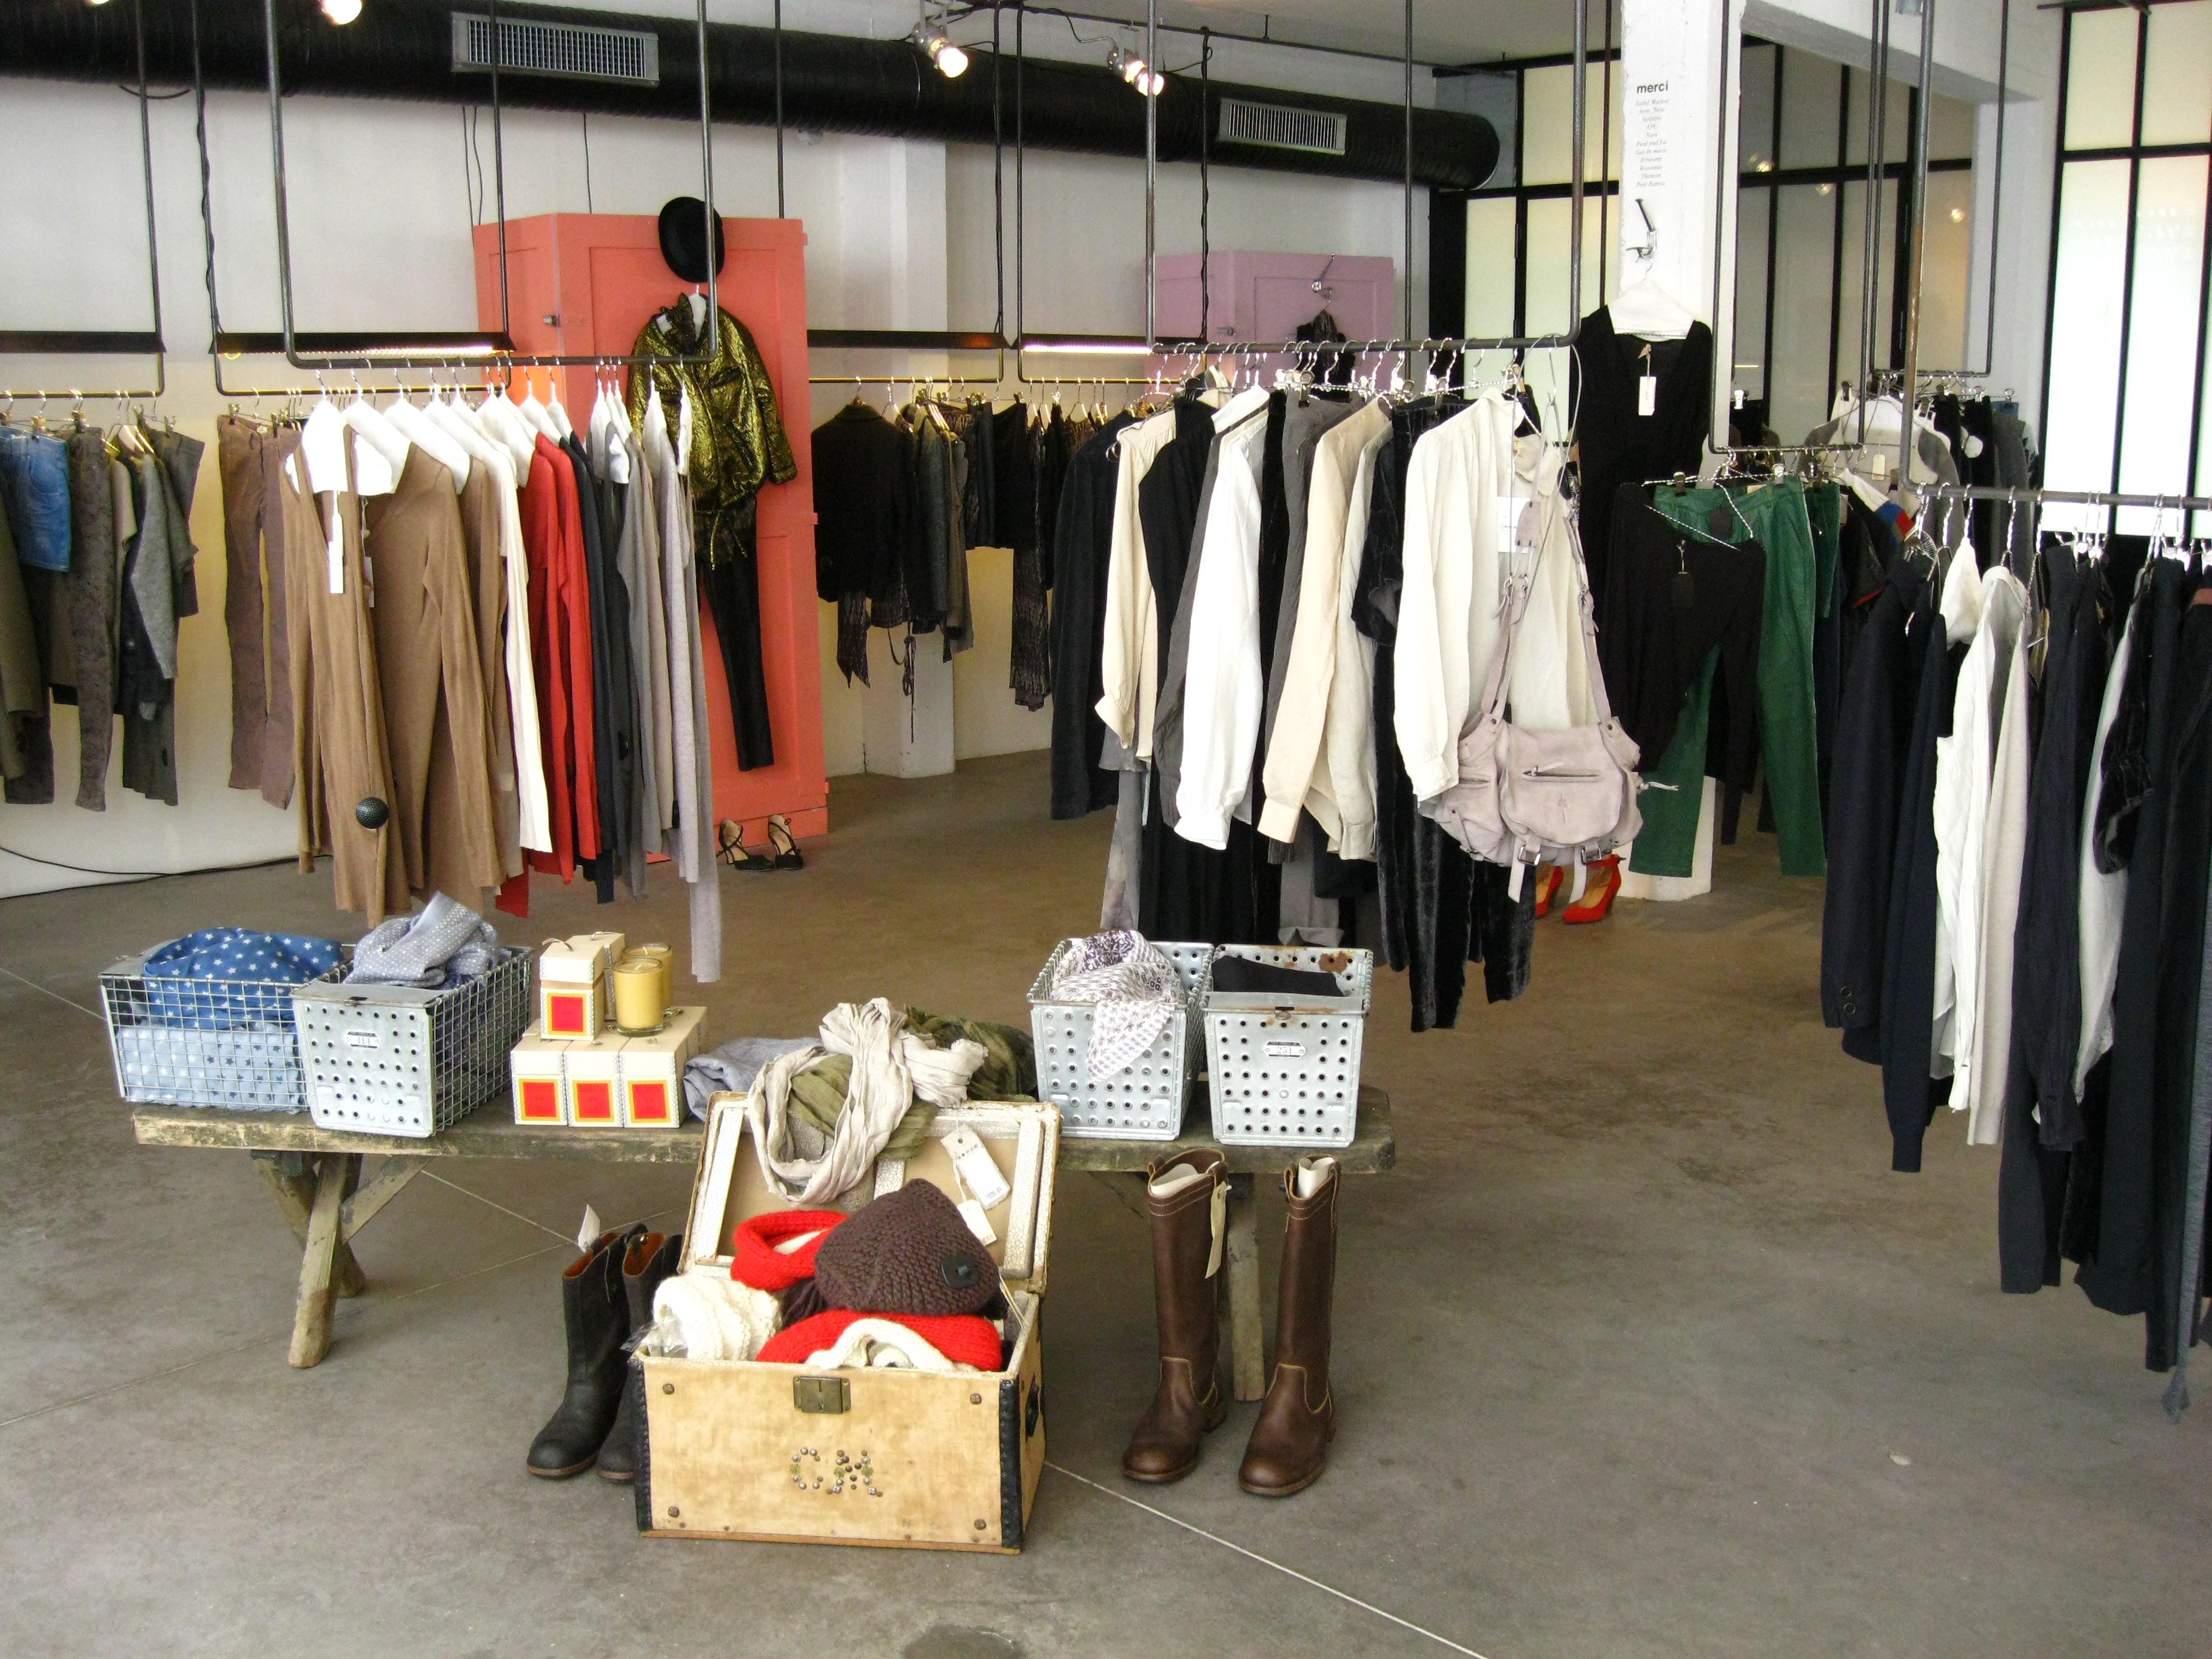 merci, the parisian concept store with a big heart – ritournelle